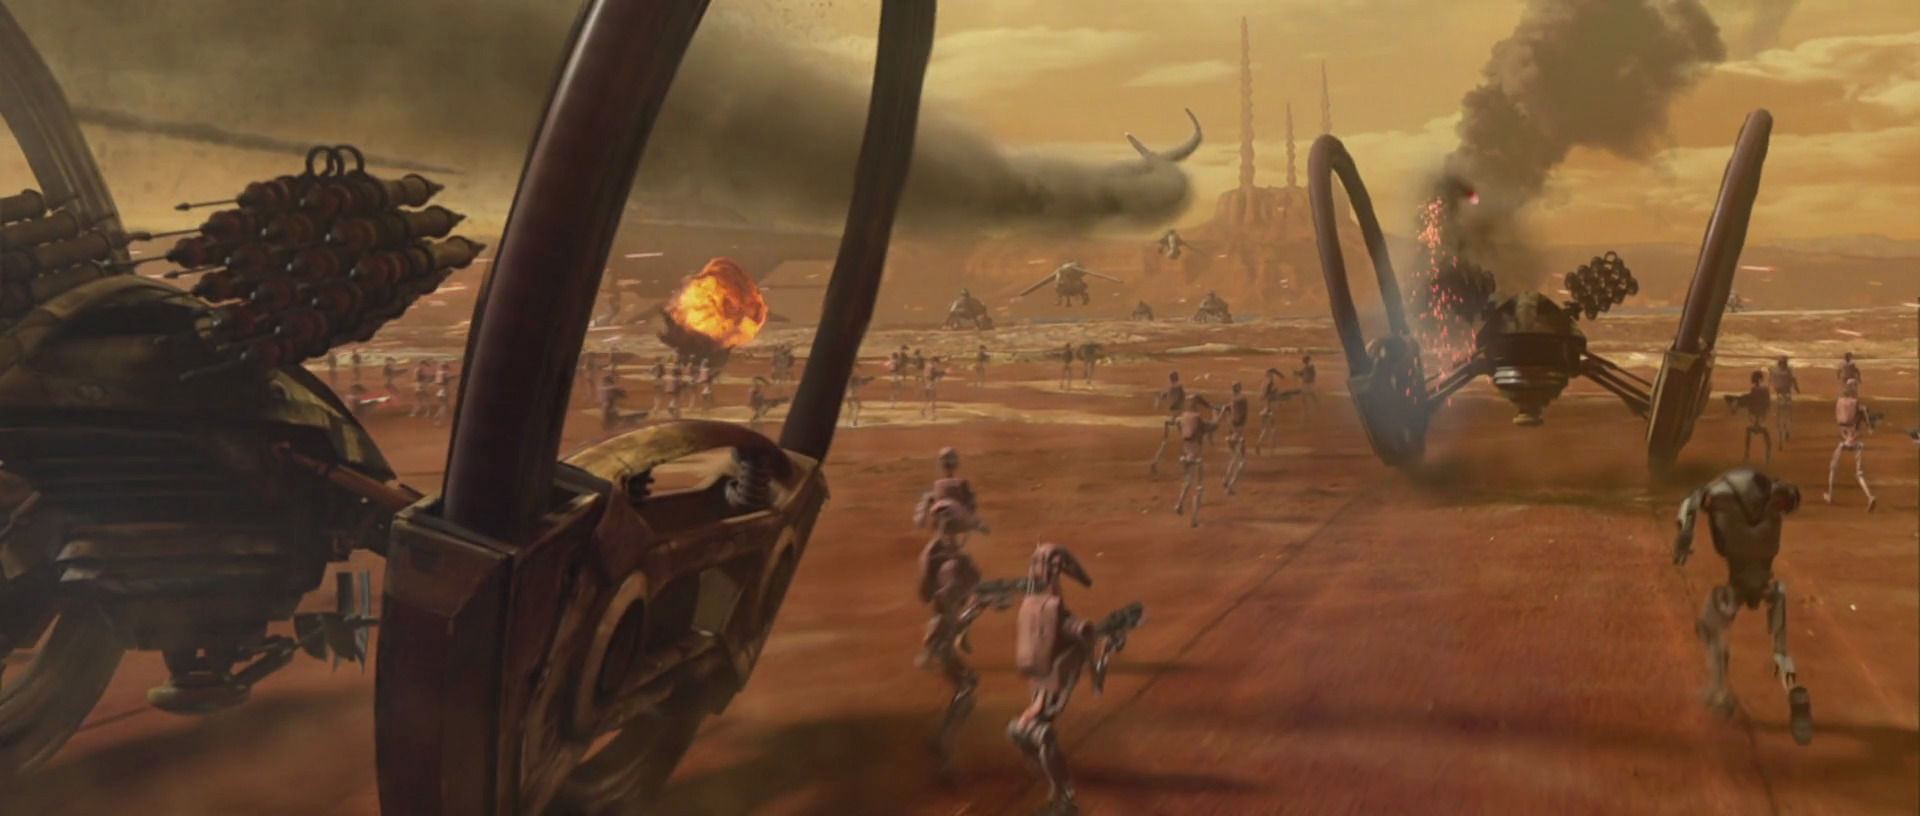 Durante de Batalla de Geonosis luchan muchos droides, clones y jedi. ¿Qué nave/tanque no participa?